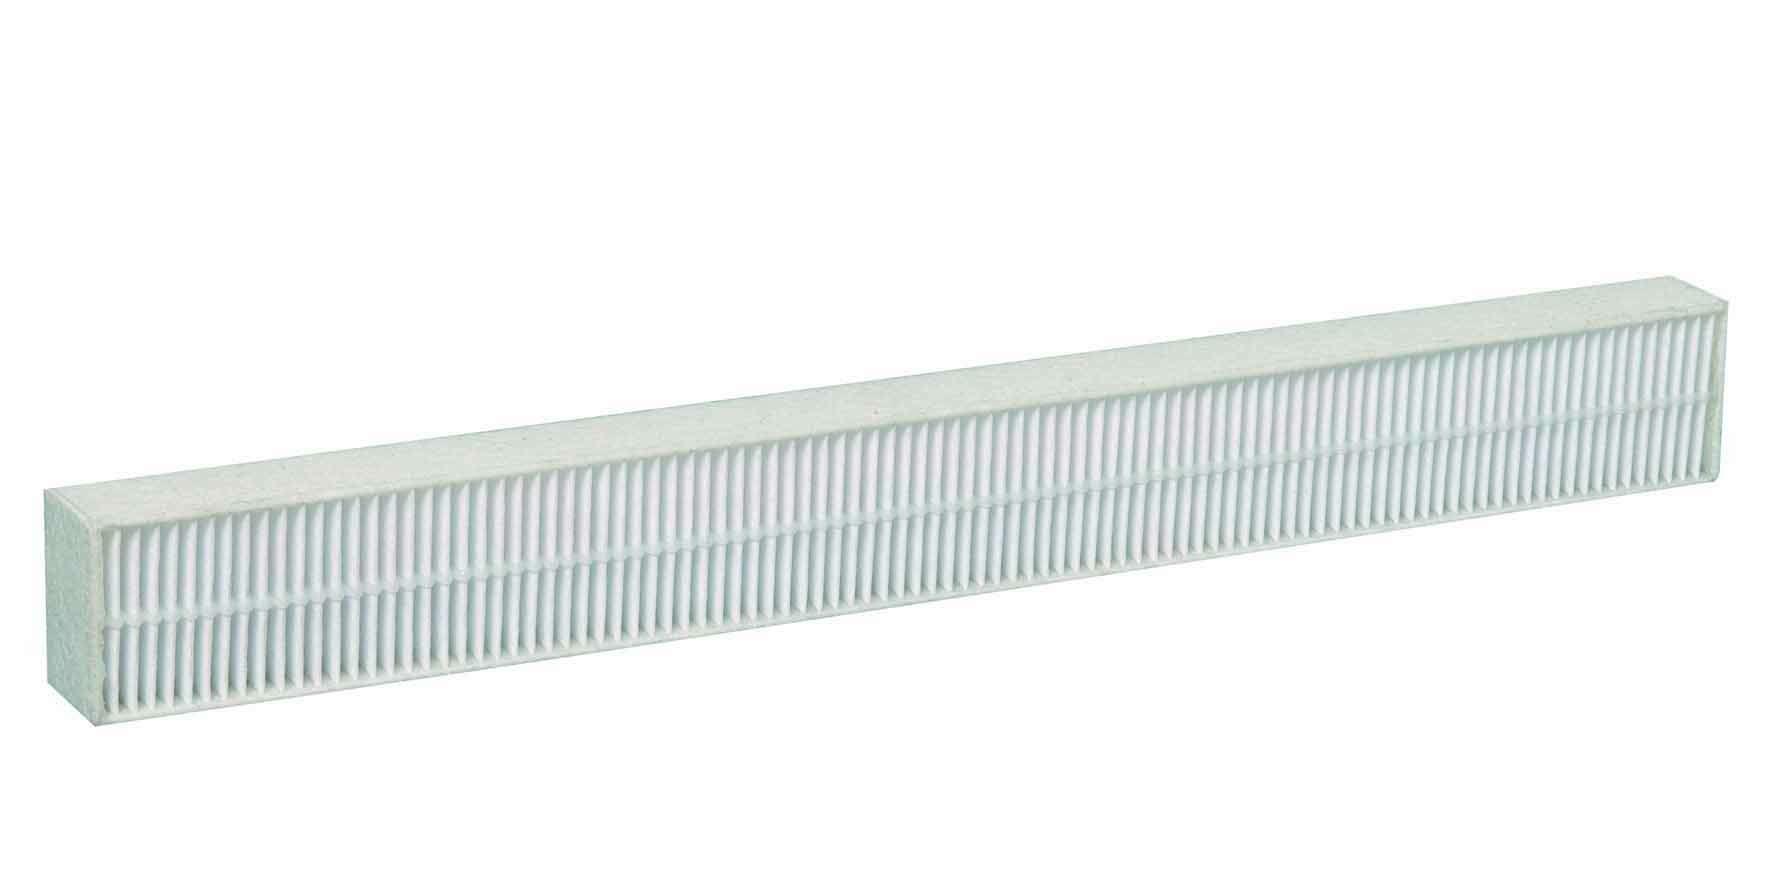 FILTRE POLLEN AIR FILTER pour Entrée d'air filtrante  Aldes 11011584